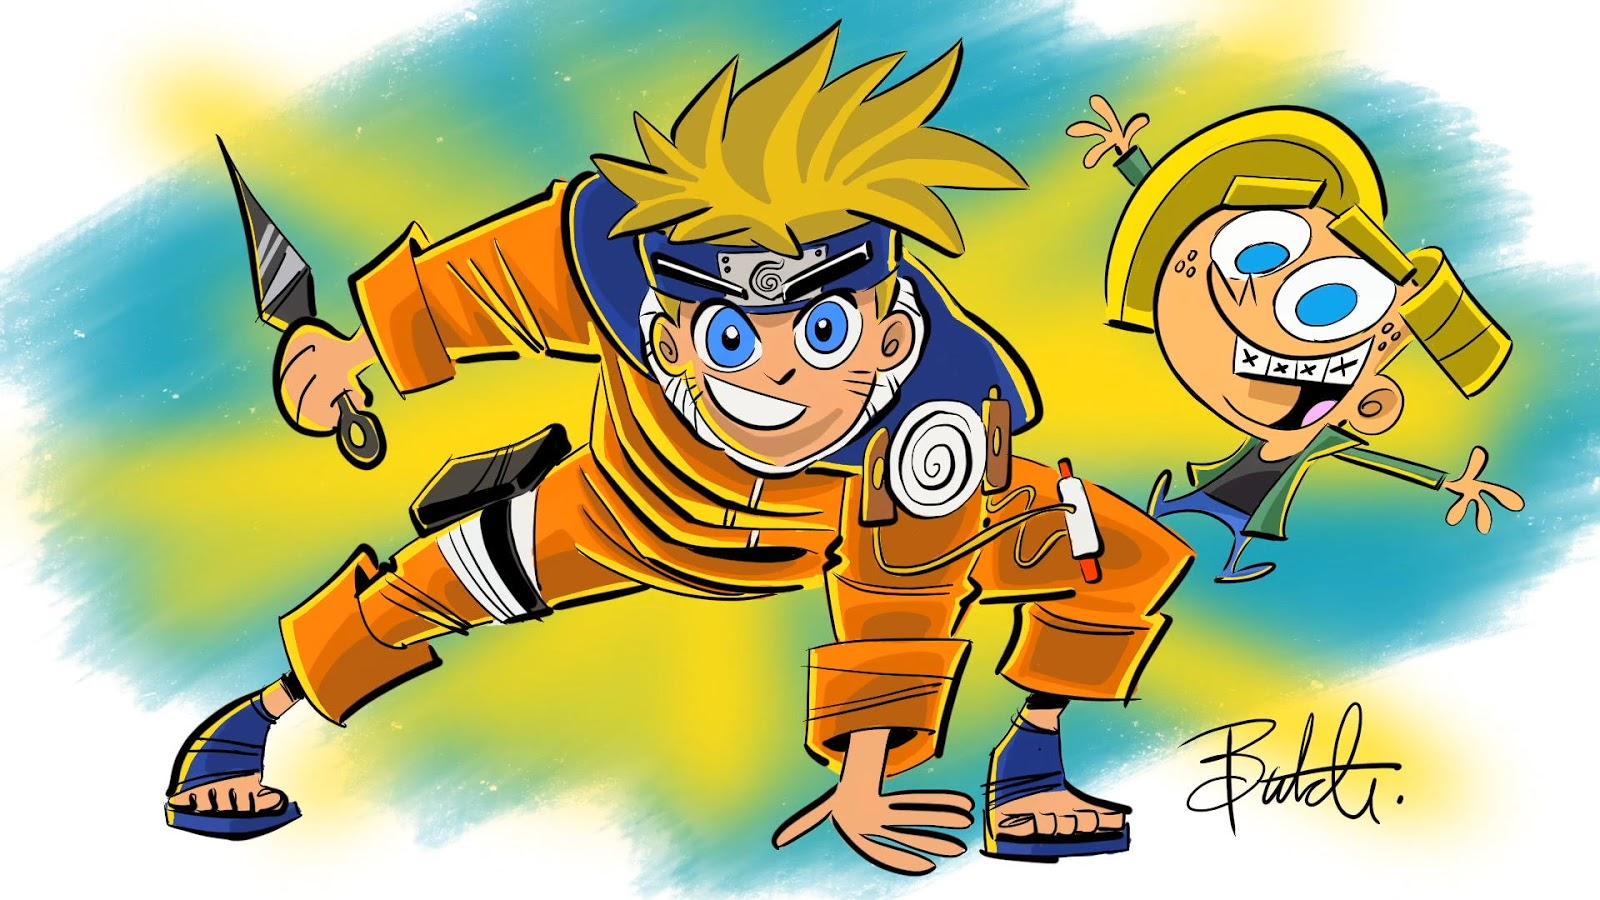 Naruto narysowany przez Butcha Hartmana w stylu Wróżków chrzestnych